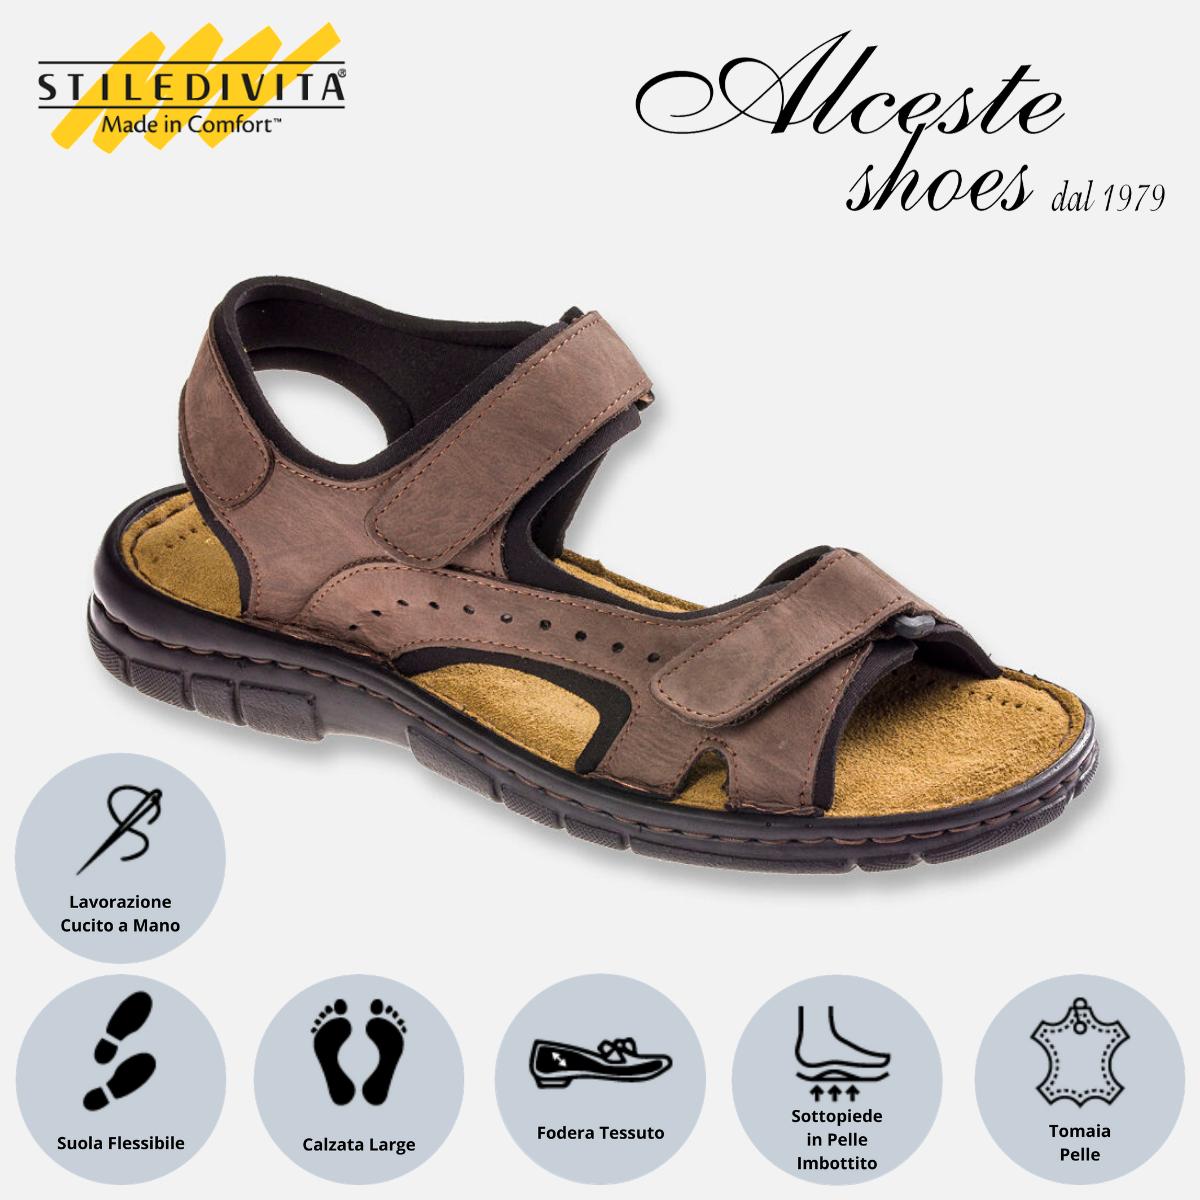 Sandalo Uomo con Strappi Stiledivita Art. 7879 Nabuk T. di Moro Alceste Shoes 7879 Testa di Moro